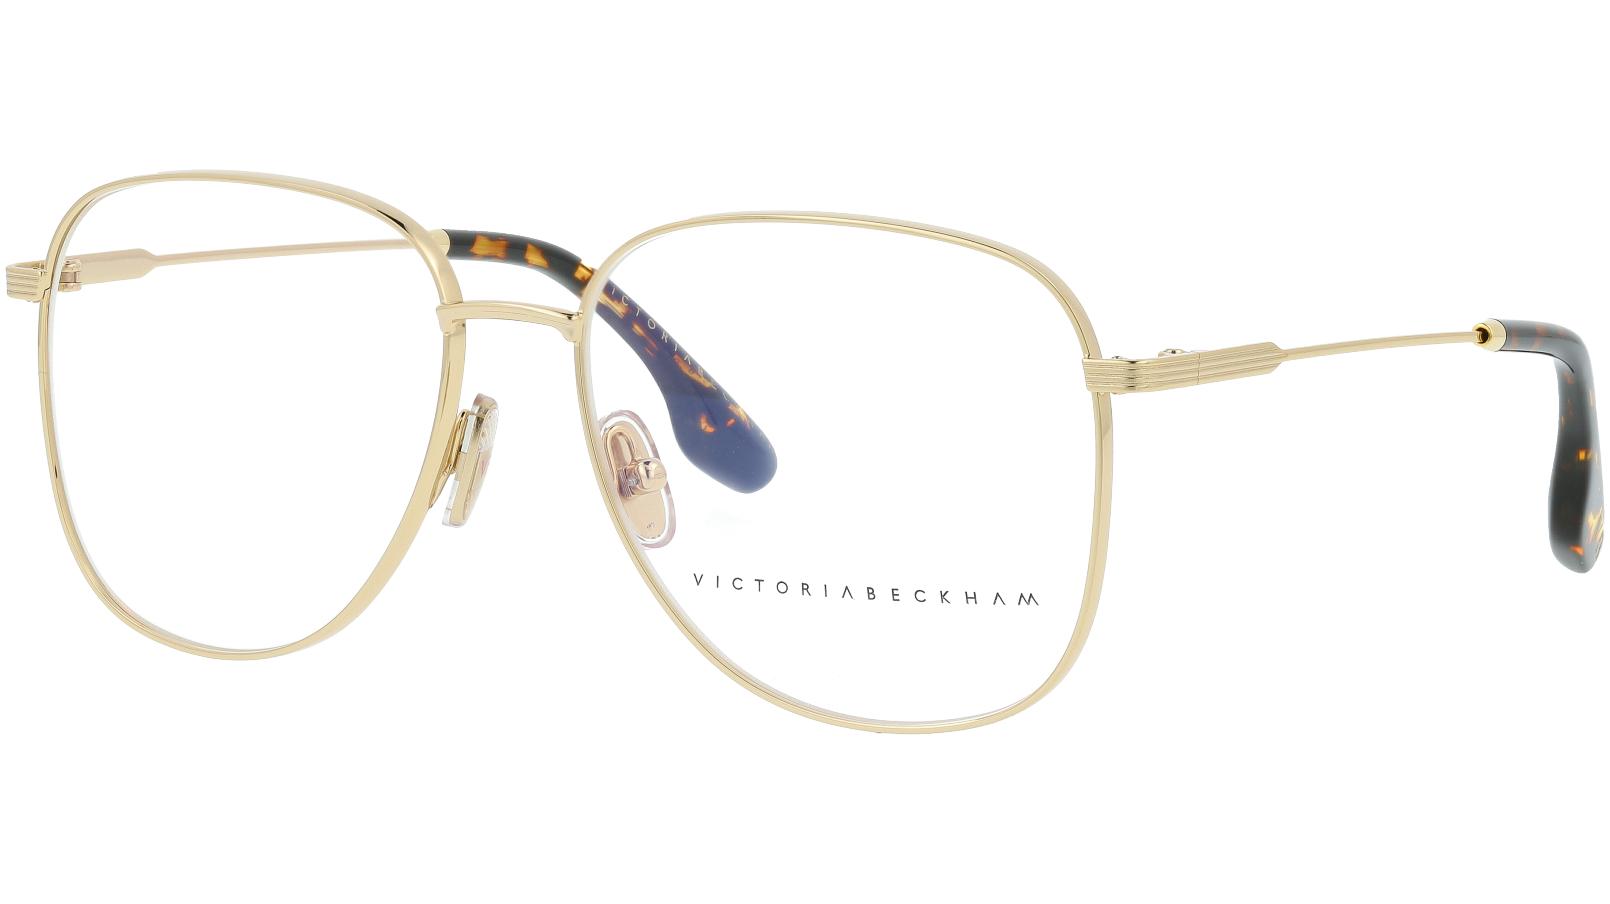 VICTORIA BECKHAM VB219 714 55 GOLD Glasses